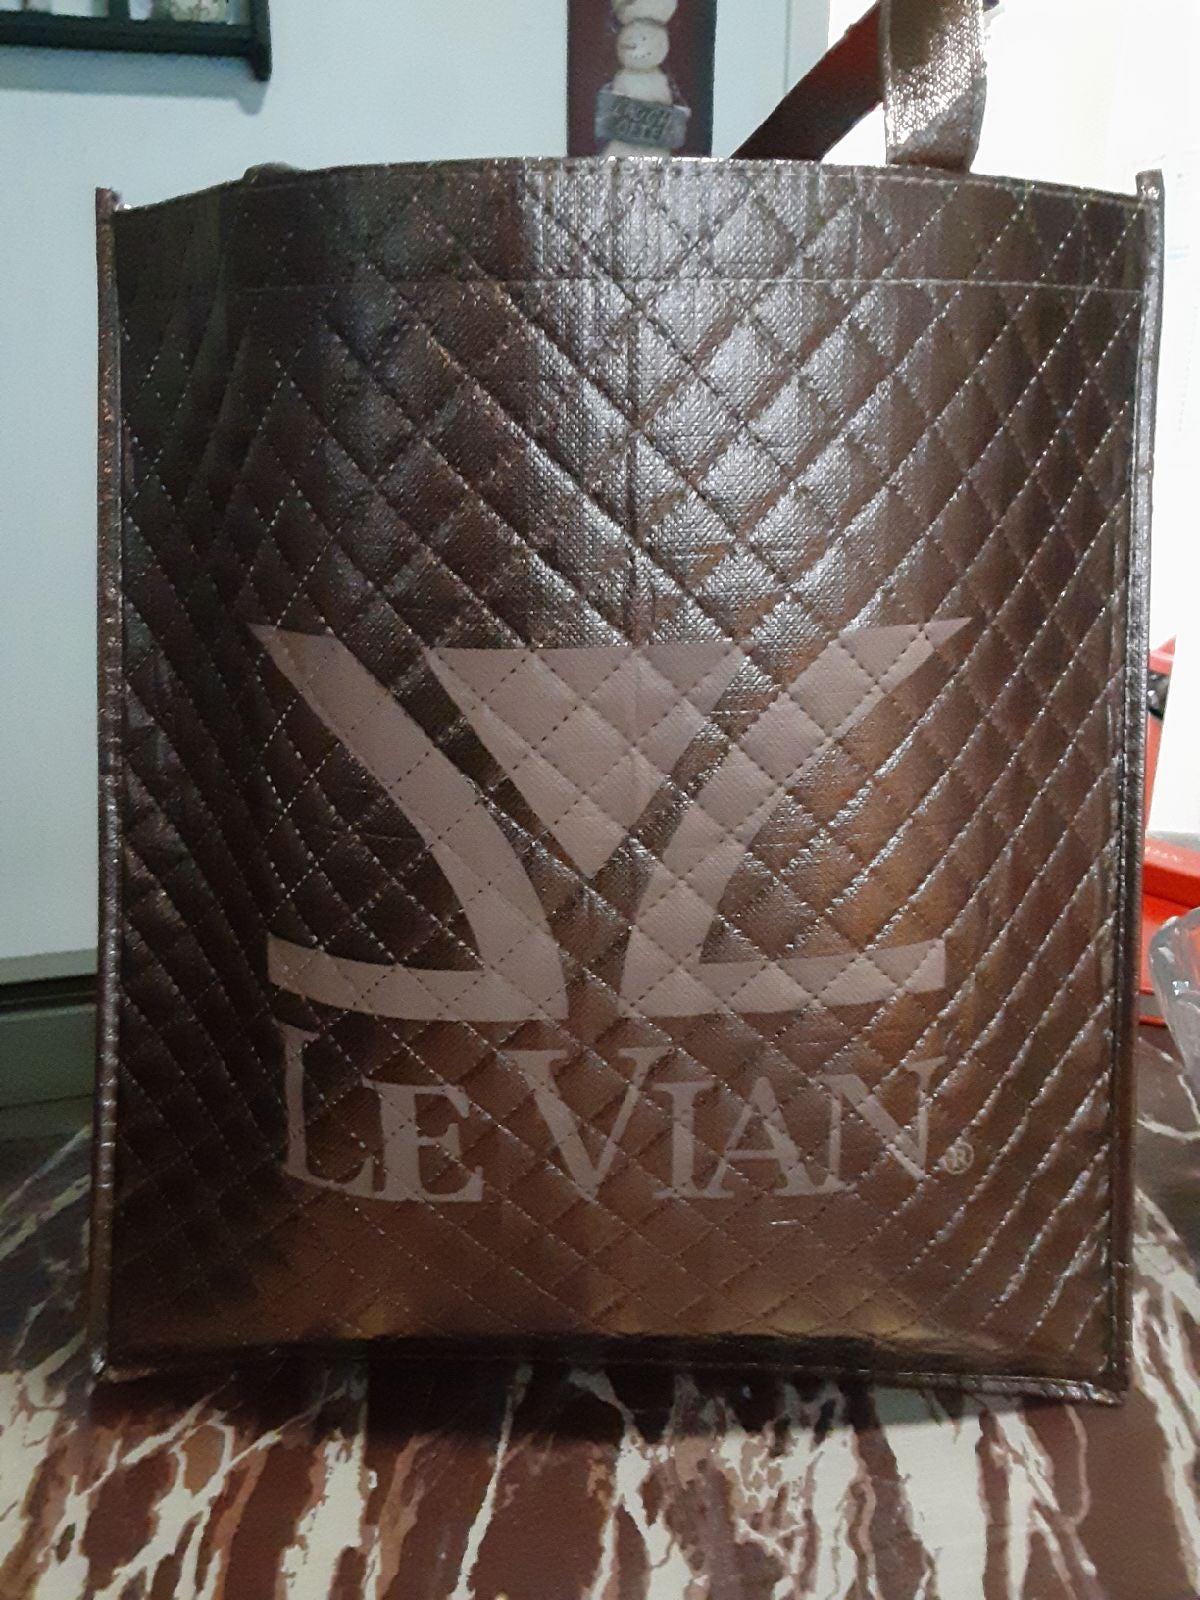 Levian Tote Bag